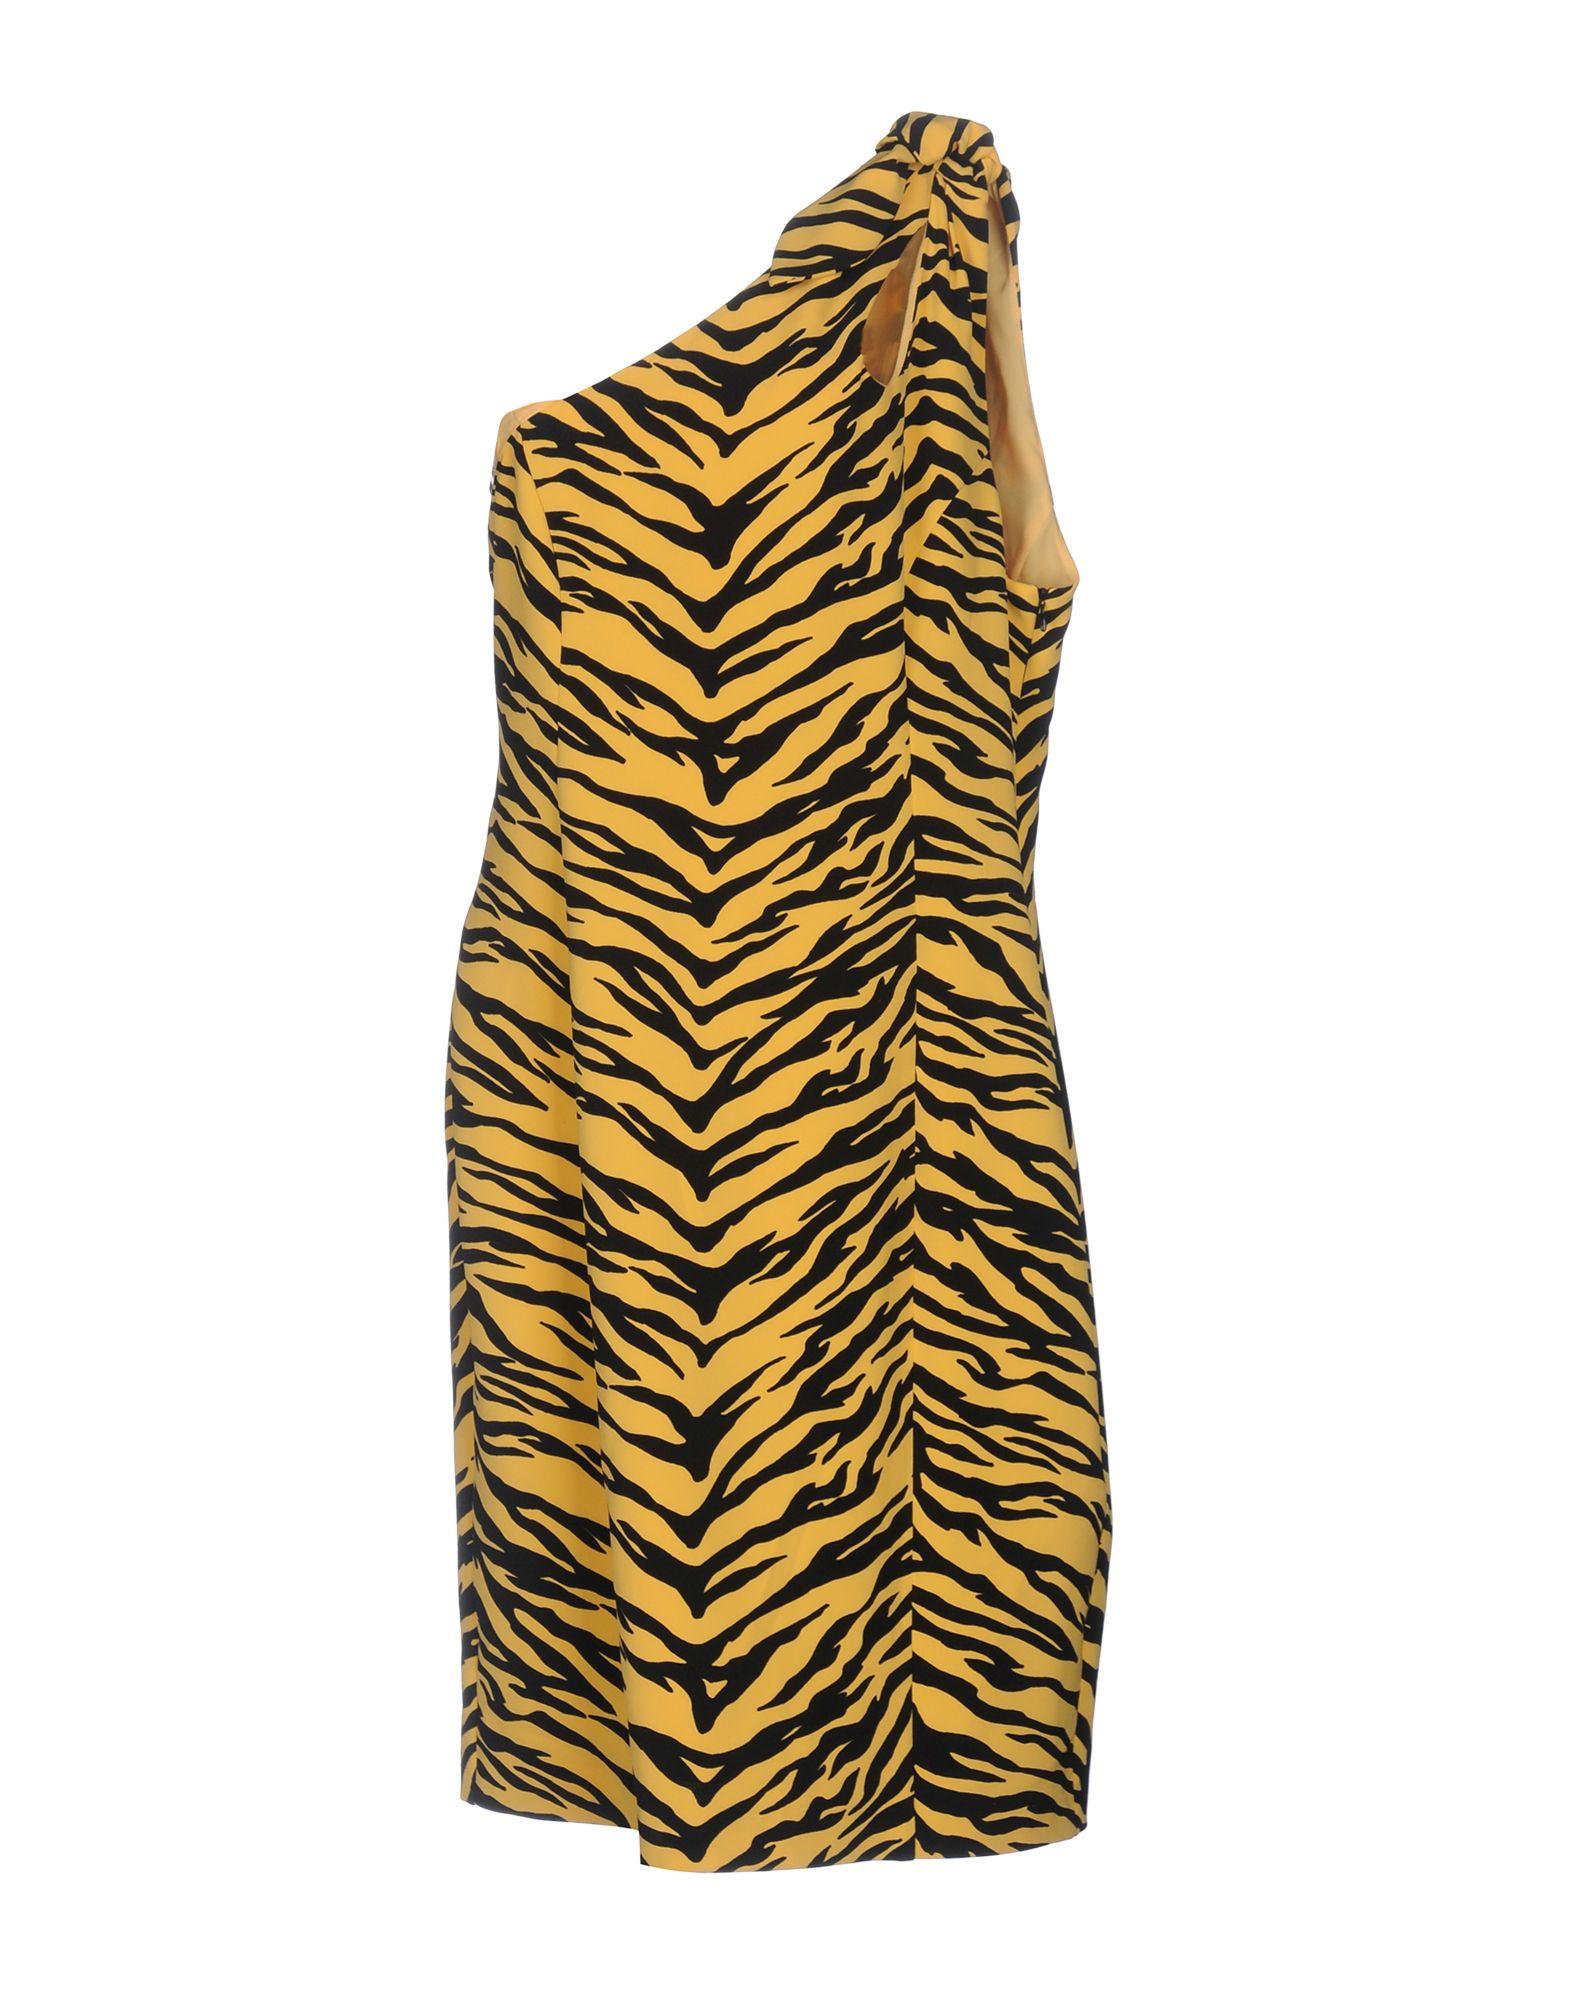 MOSCHINO CHEAP AND CHIC Damen Knielanges Kleid Farbe Gelb Größe 7